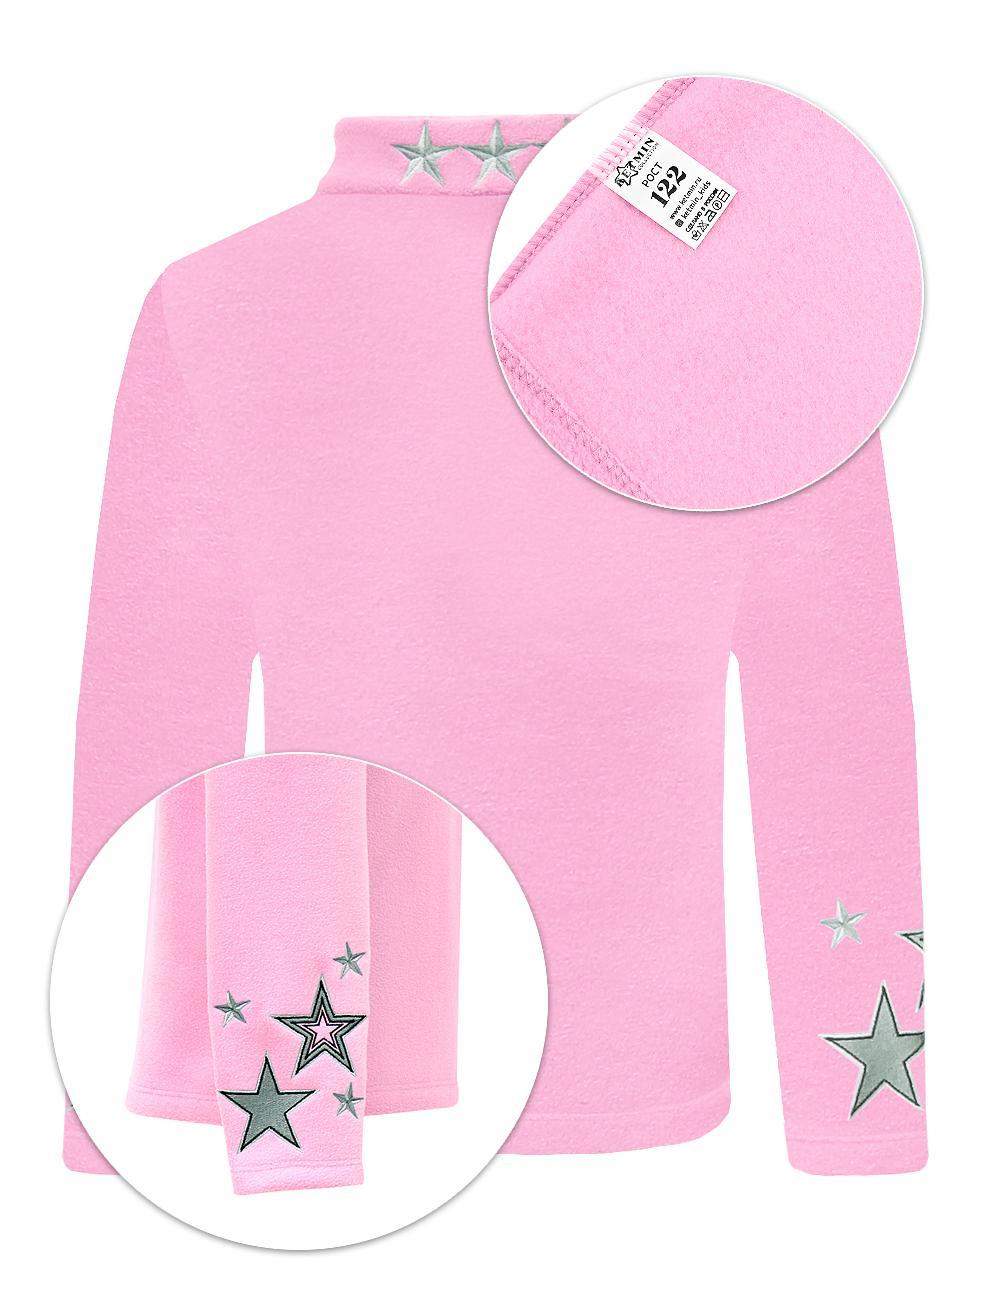 Толстовка детская флис KETMIN Princess цв.Розовый